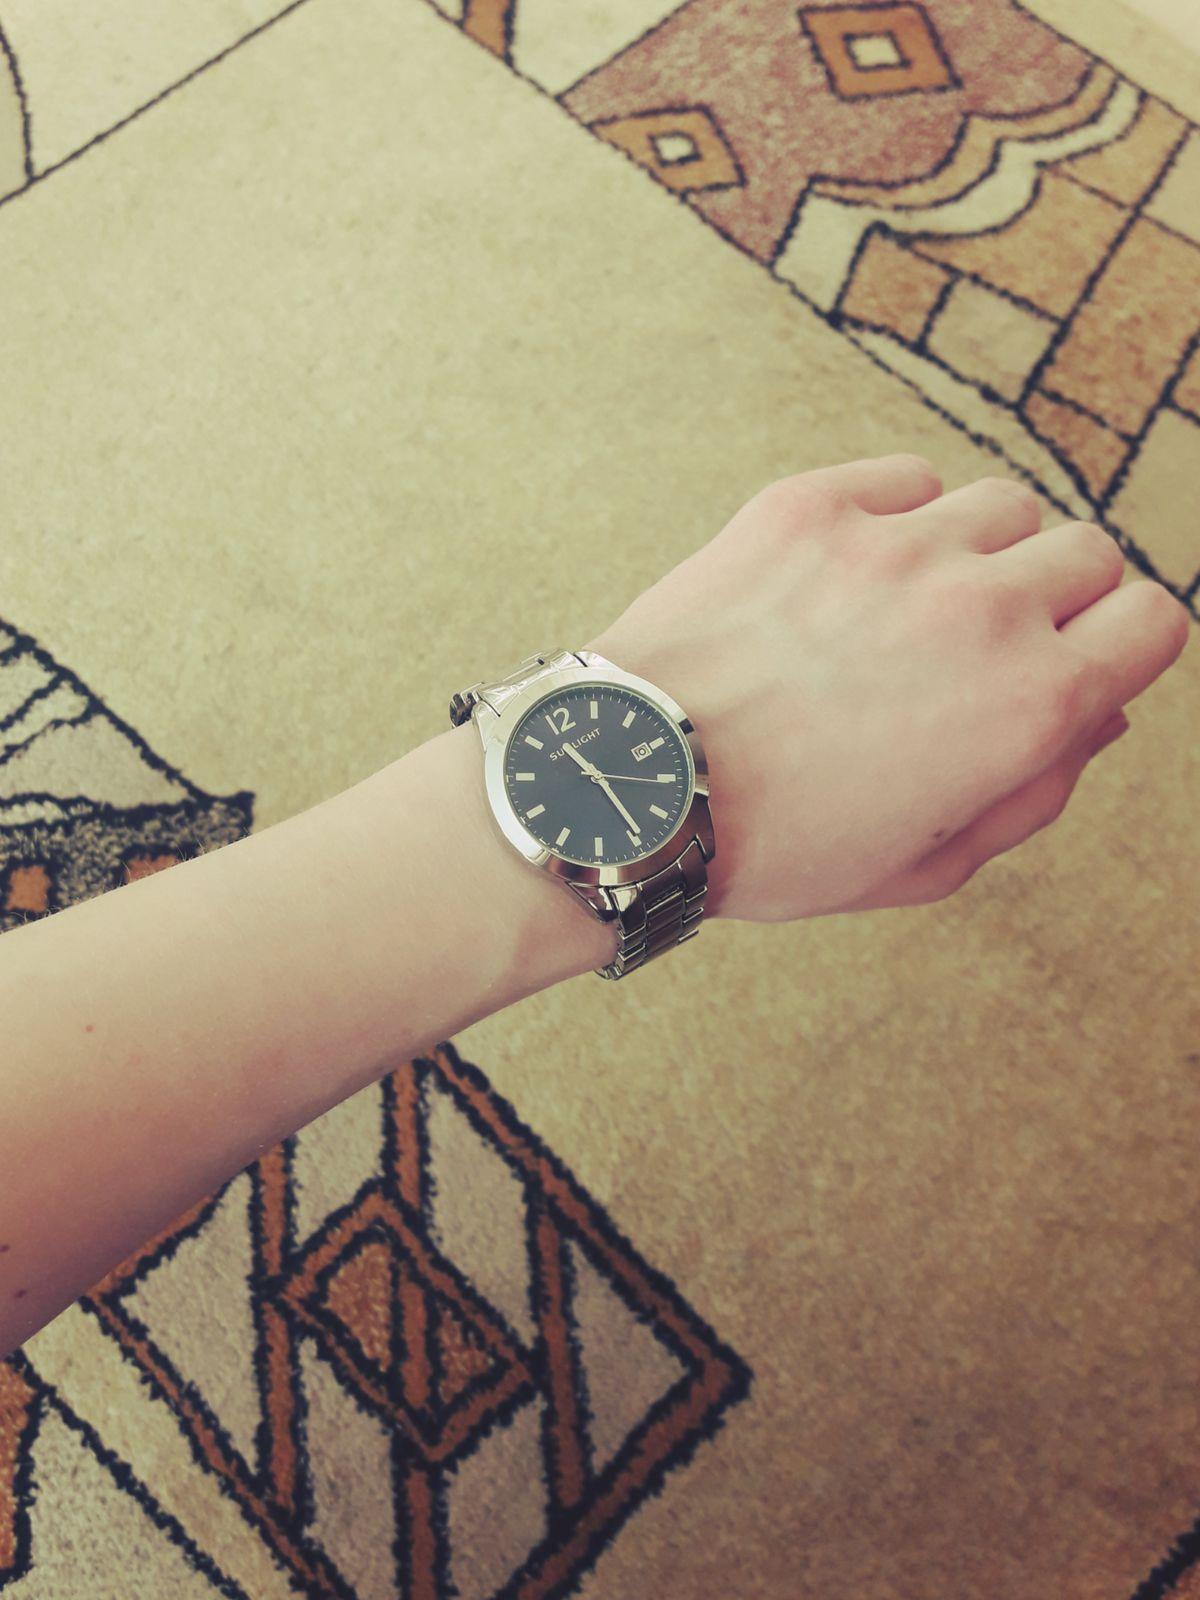 Хорошие часы! Рекомендую!